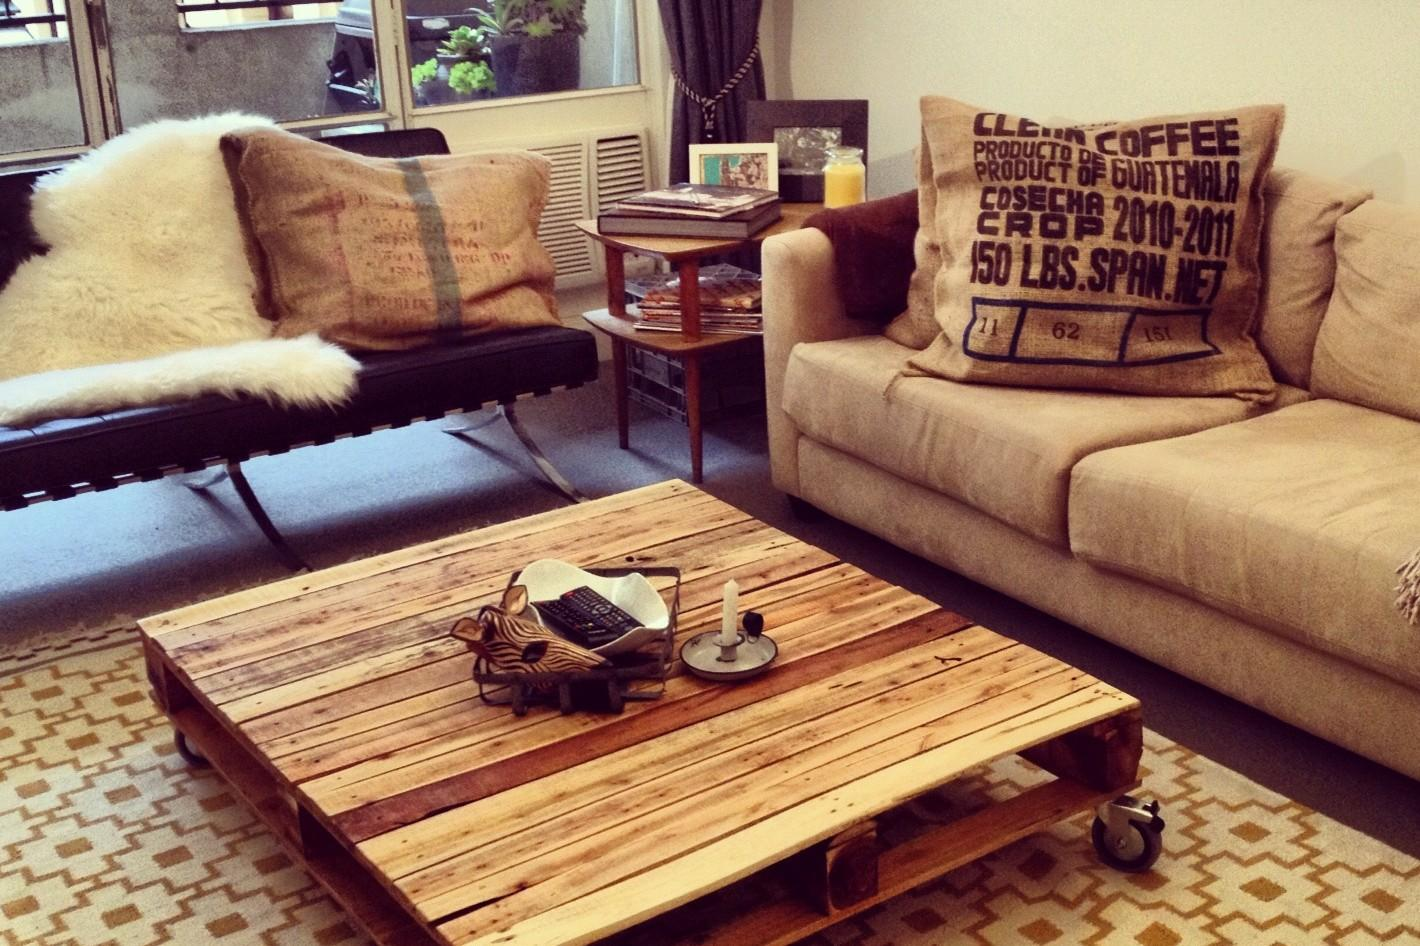 Recuperare mobili vecchi idee di riciclo creativo le ricette di petalina - Oggetti camera da letto ...